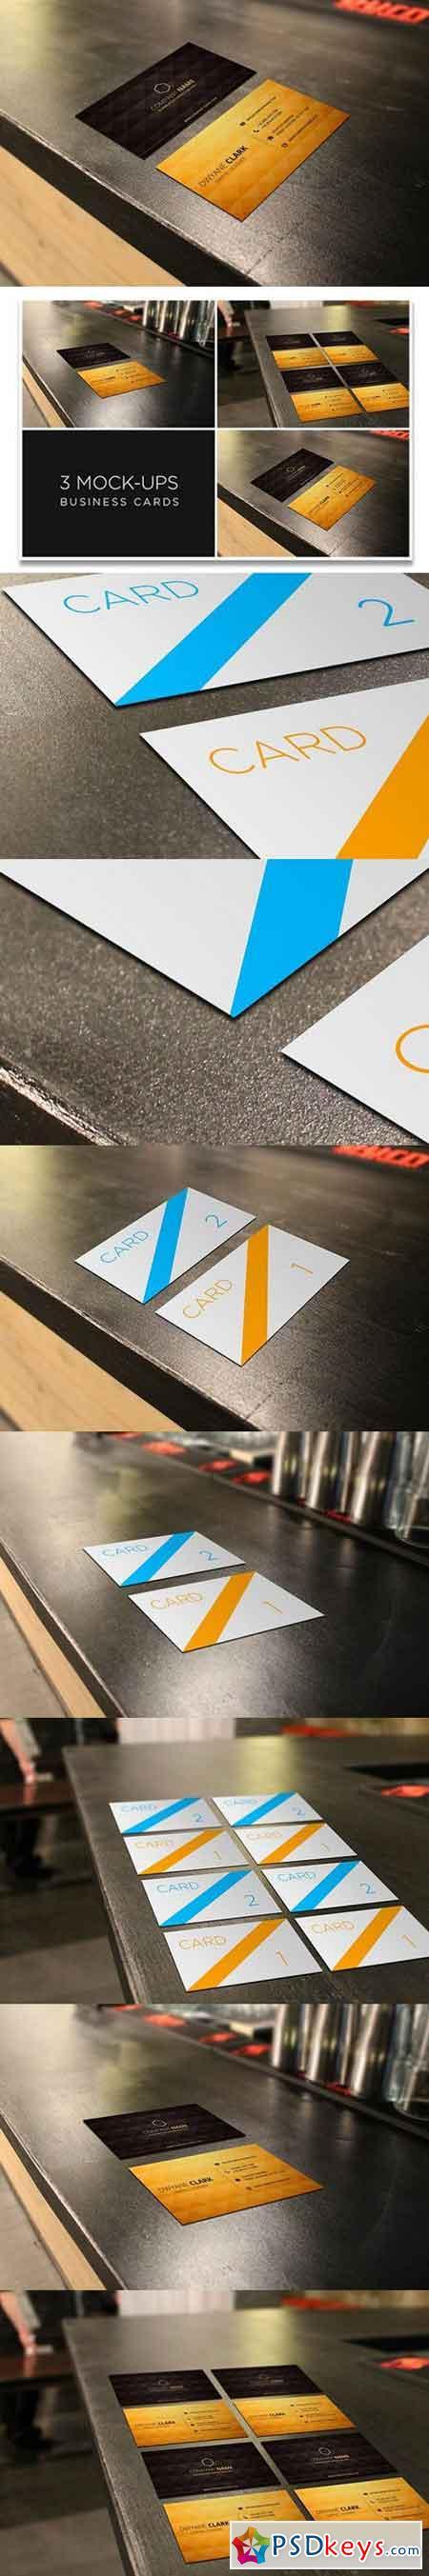 3 Business Cards Mockup Restaurant 137333